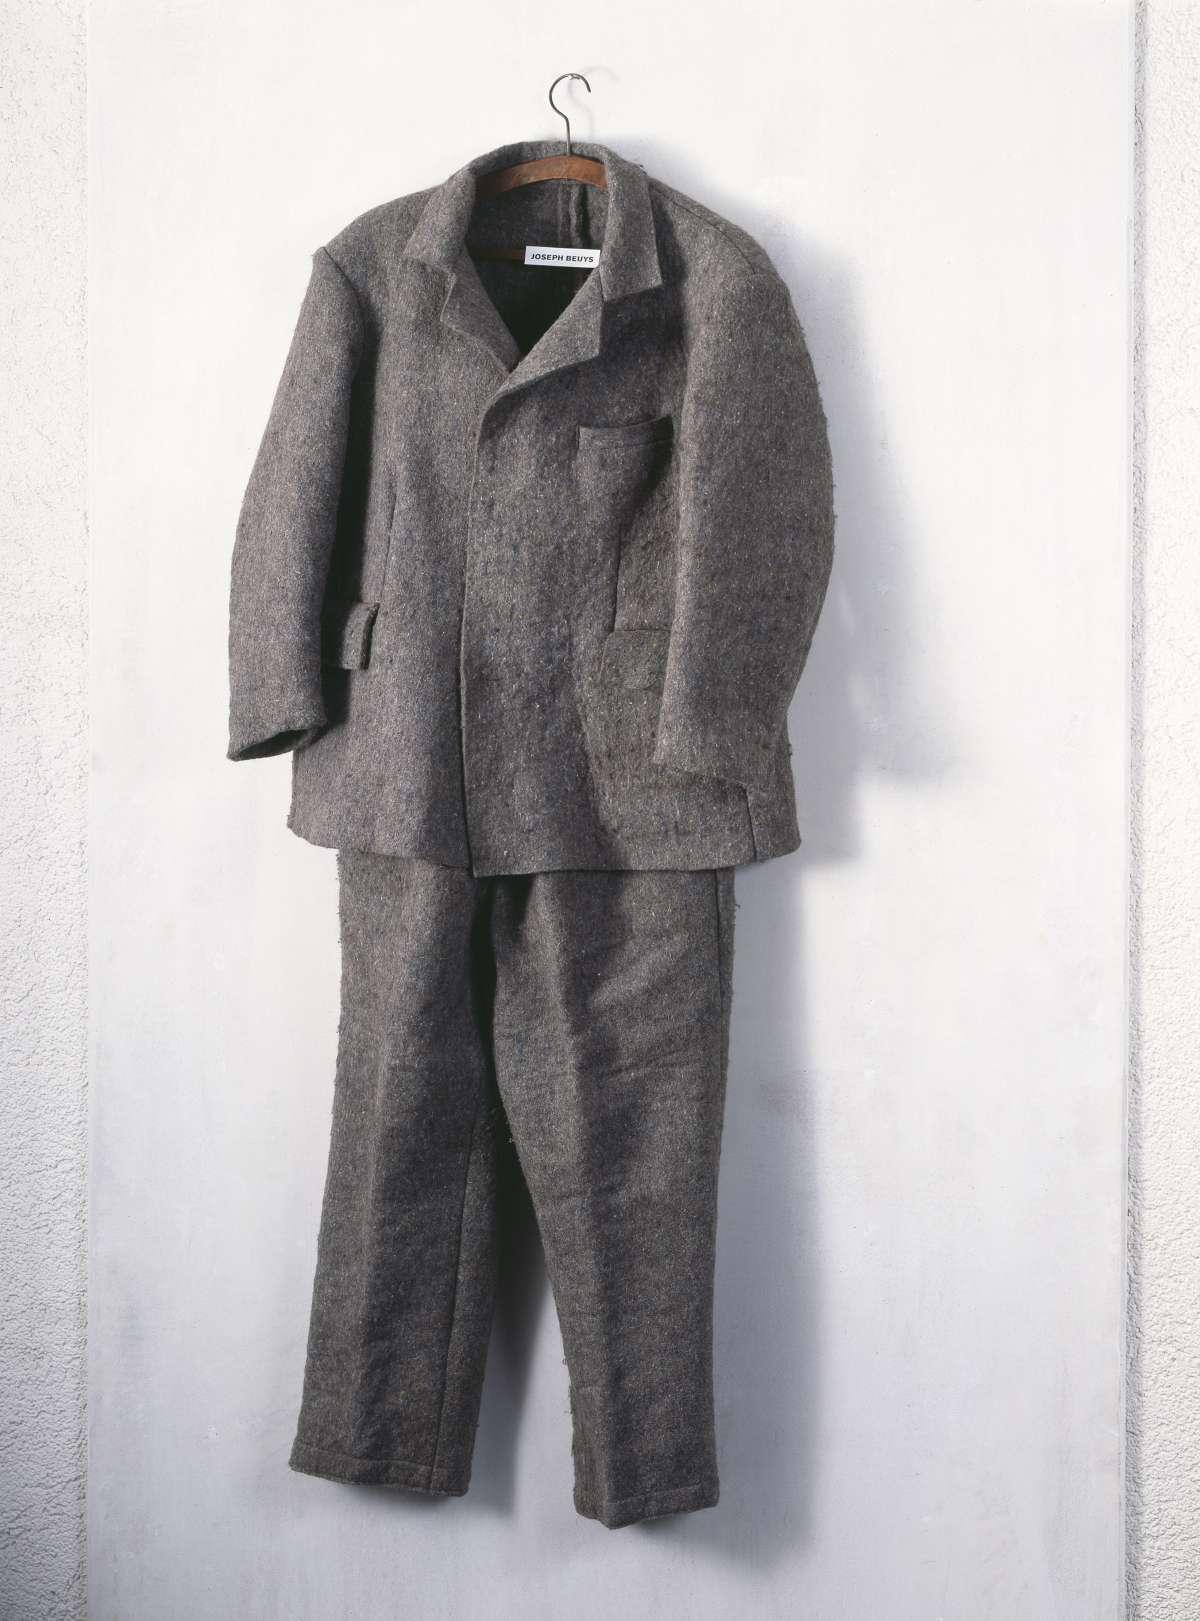 Get dressed!: anziehend Kunst-Kleider und textile Objekte - Städtische Galerie in der Reithalle - Paderborn